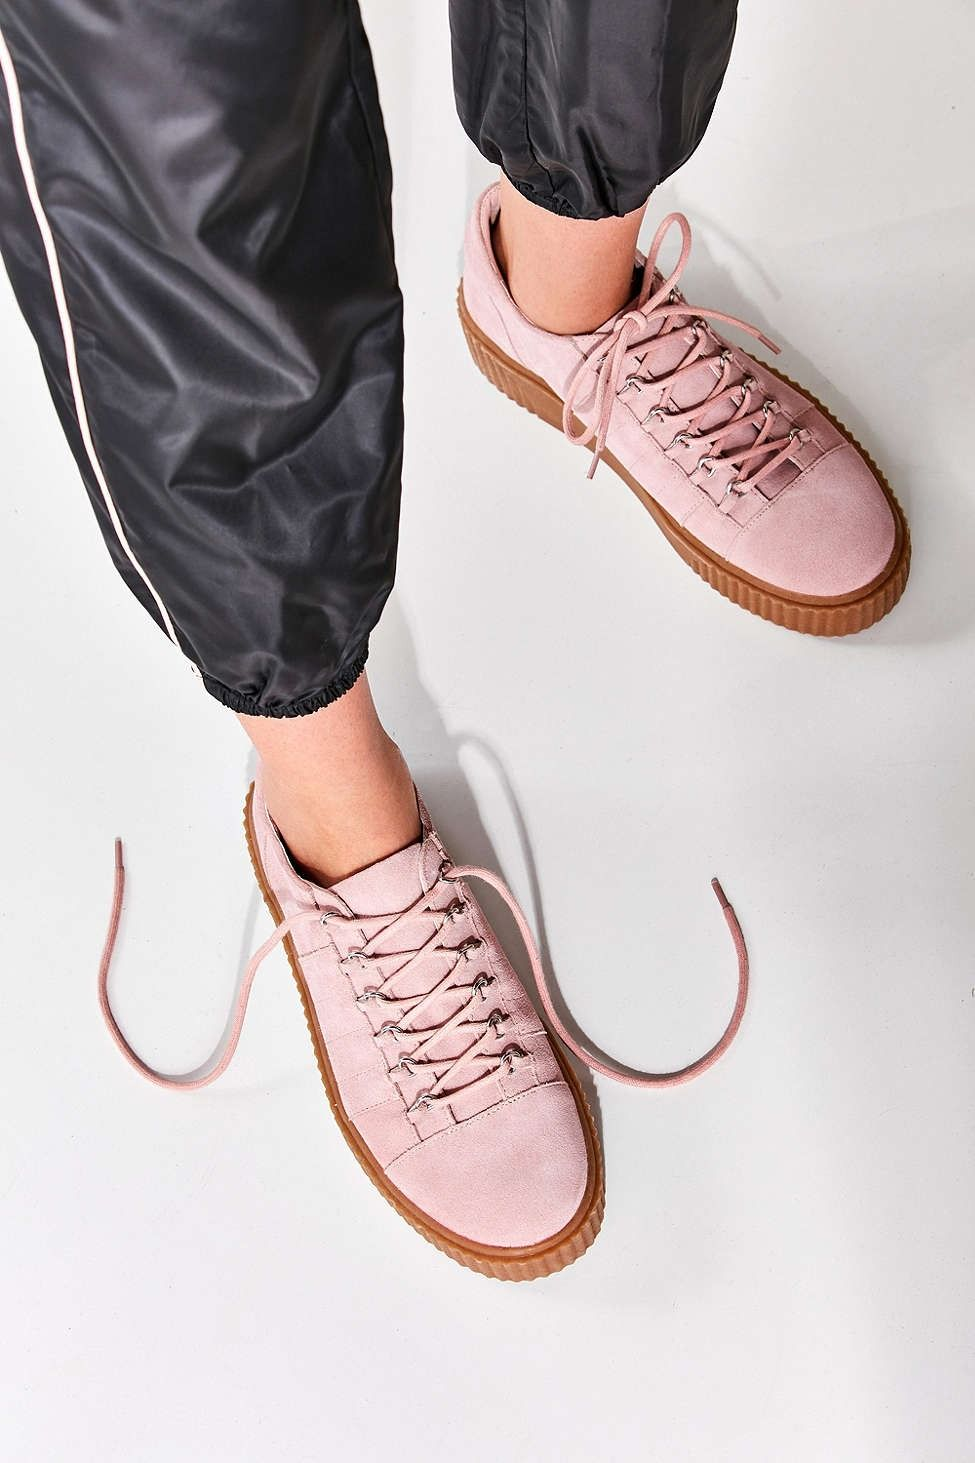 Creeper SneakerShoesSneakersShoe Creeper Hollie Hollie Creeper Suede Hollie Suede SneakerShoesSneakersShoe Suede CxoWErBdeQ